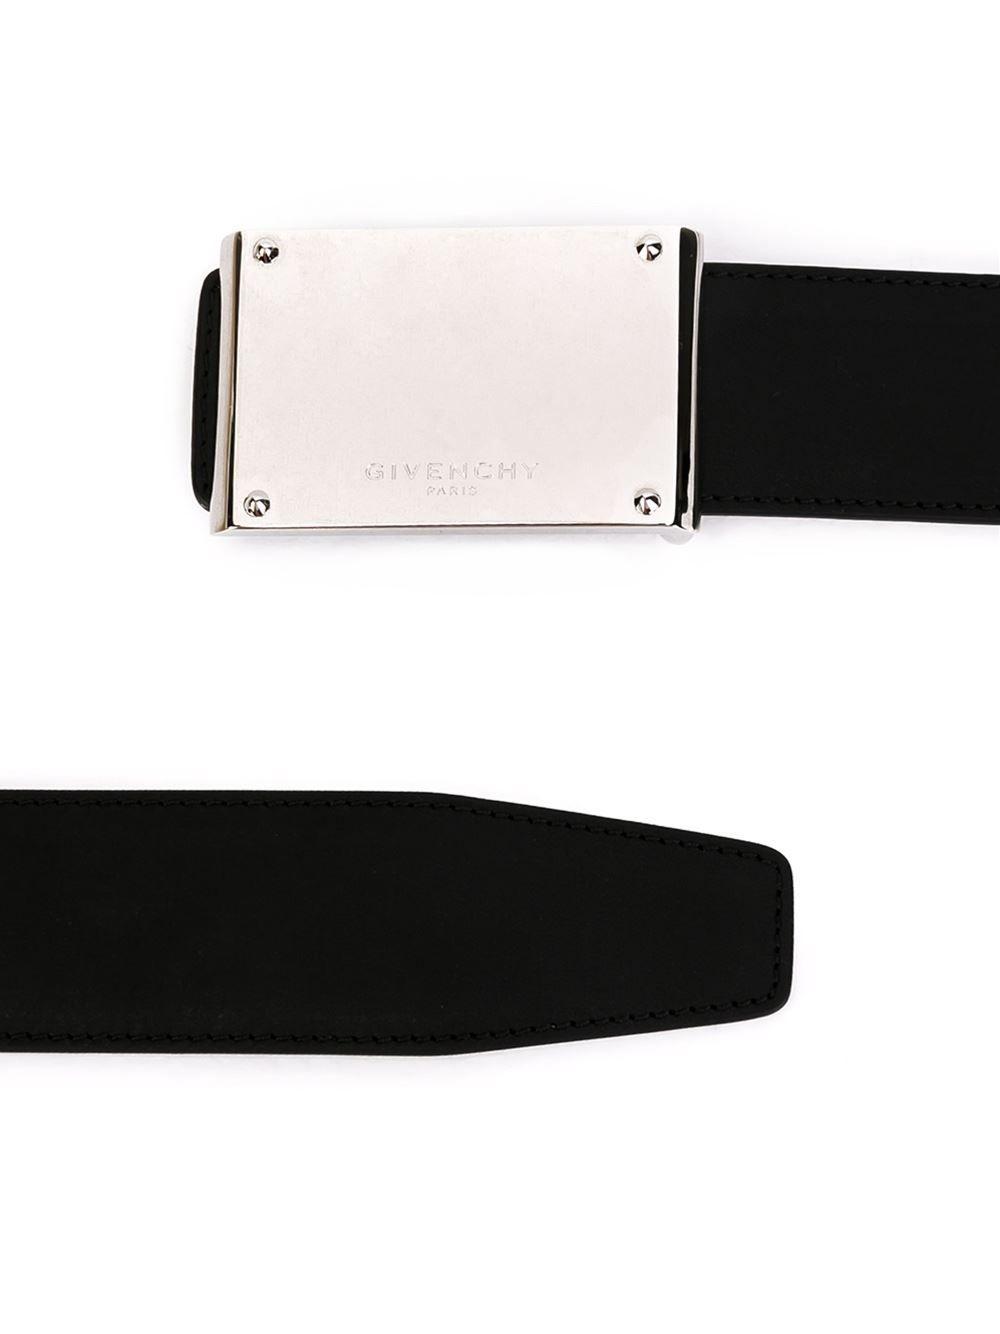 #givenchy #belt #black #leather #man #xmas #gift #fashion www.jofre.eu